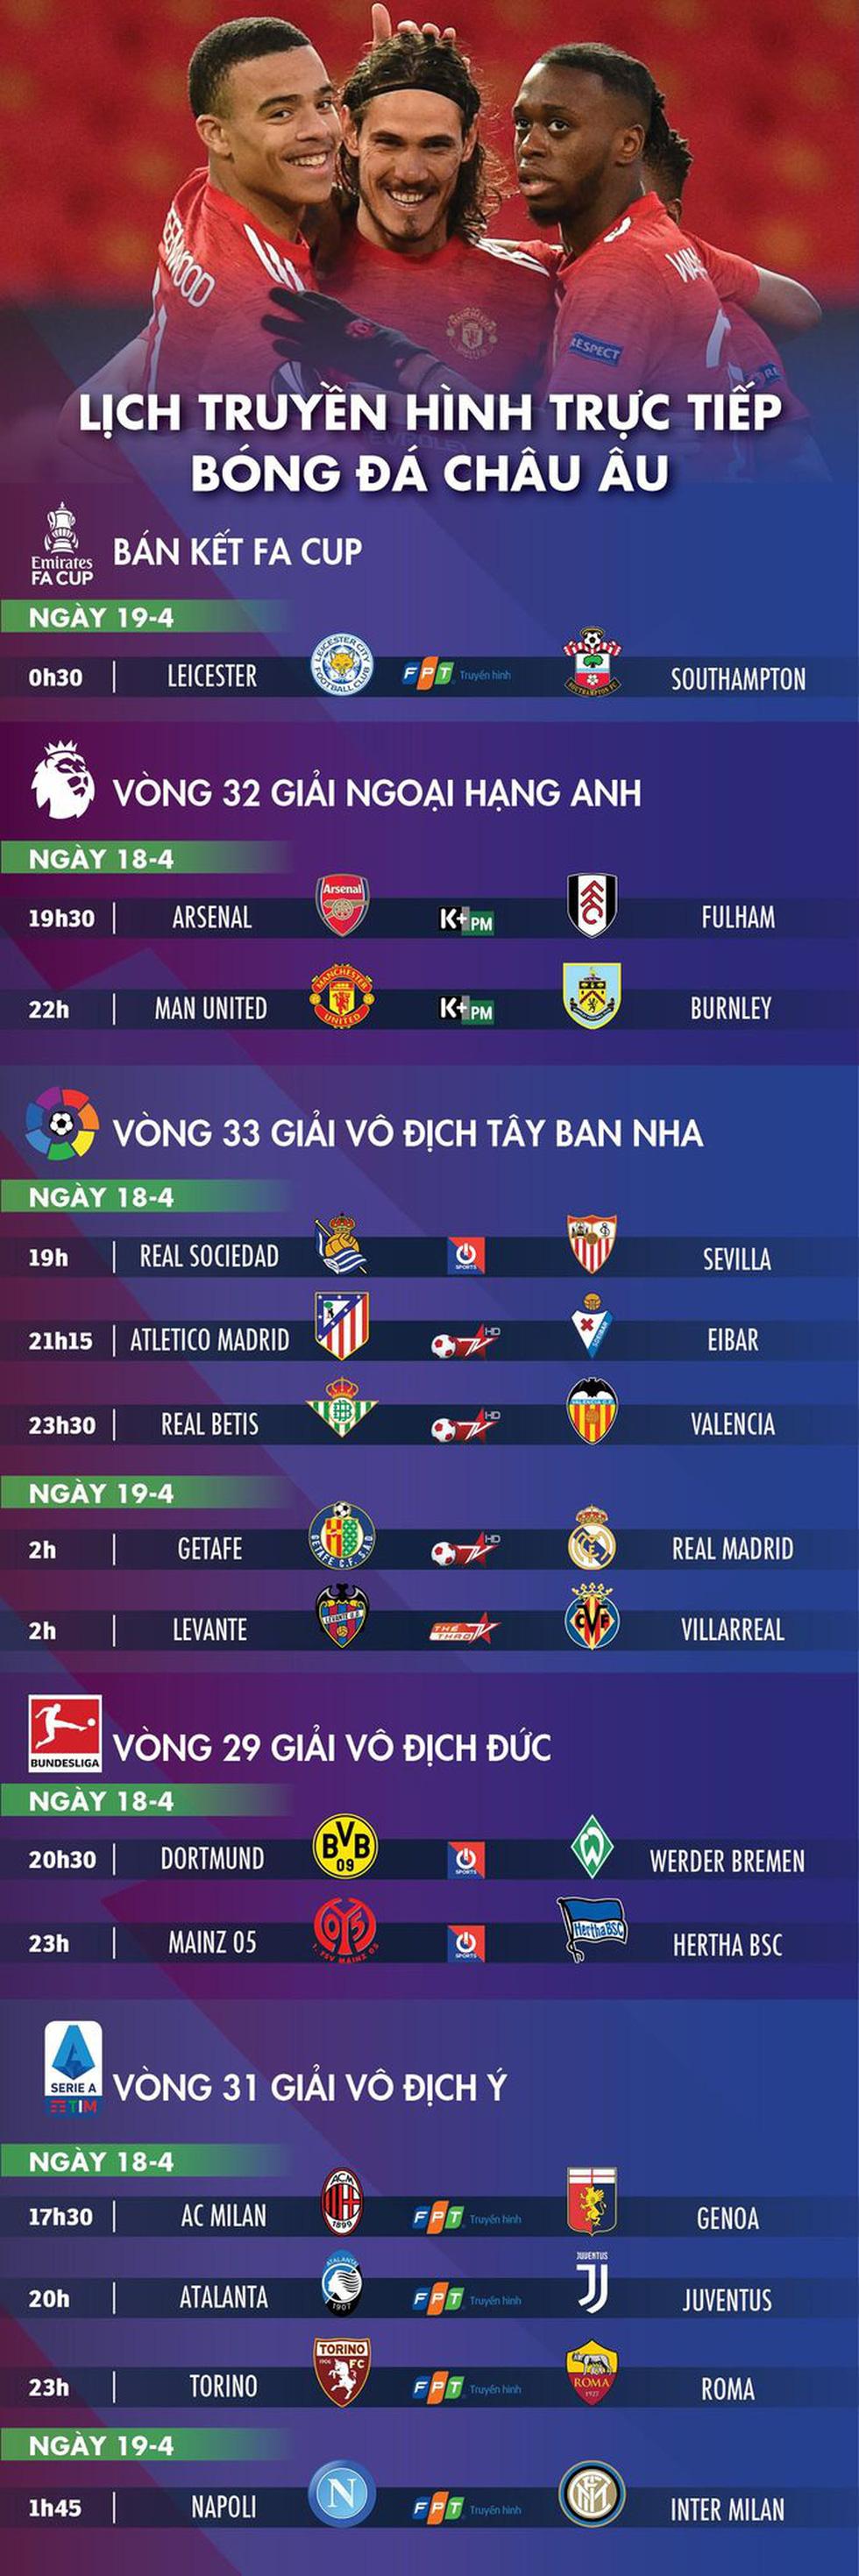 Lịch trực tiếp bóng đá châu Âu 18-4: Man United, Arsenal, Real và Juve thi đấu - Ảnh 1.